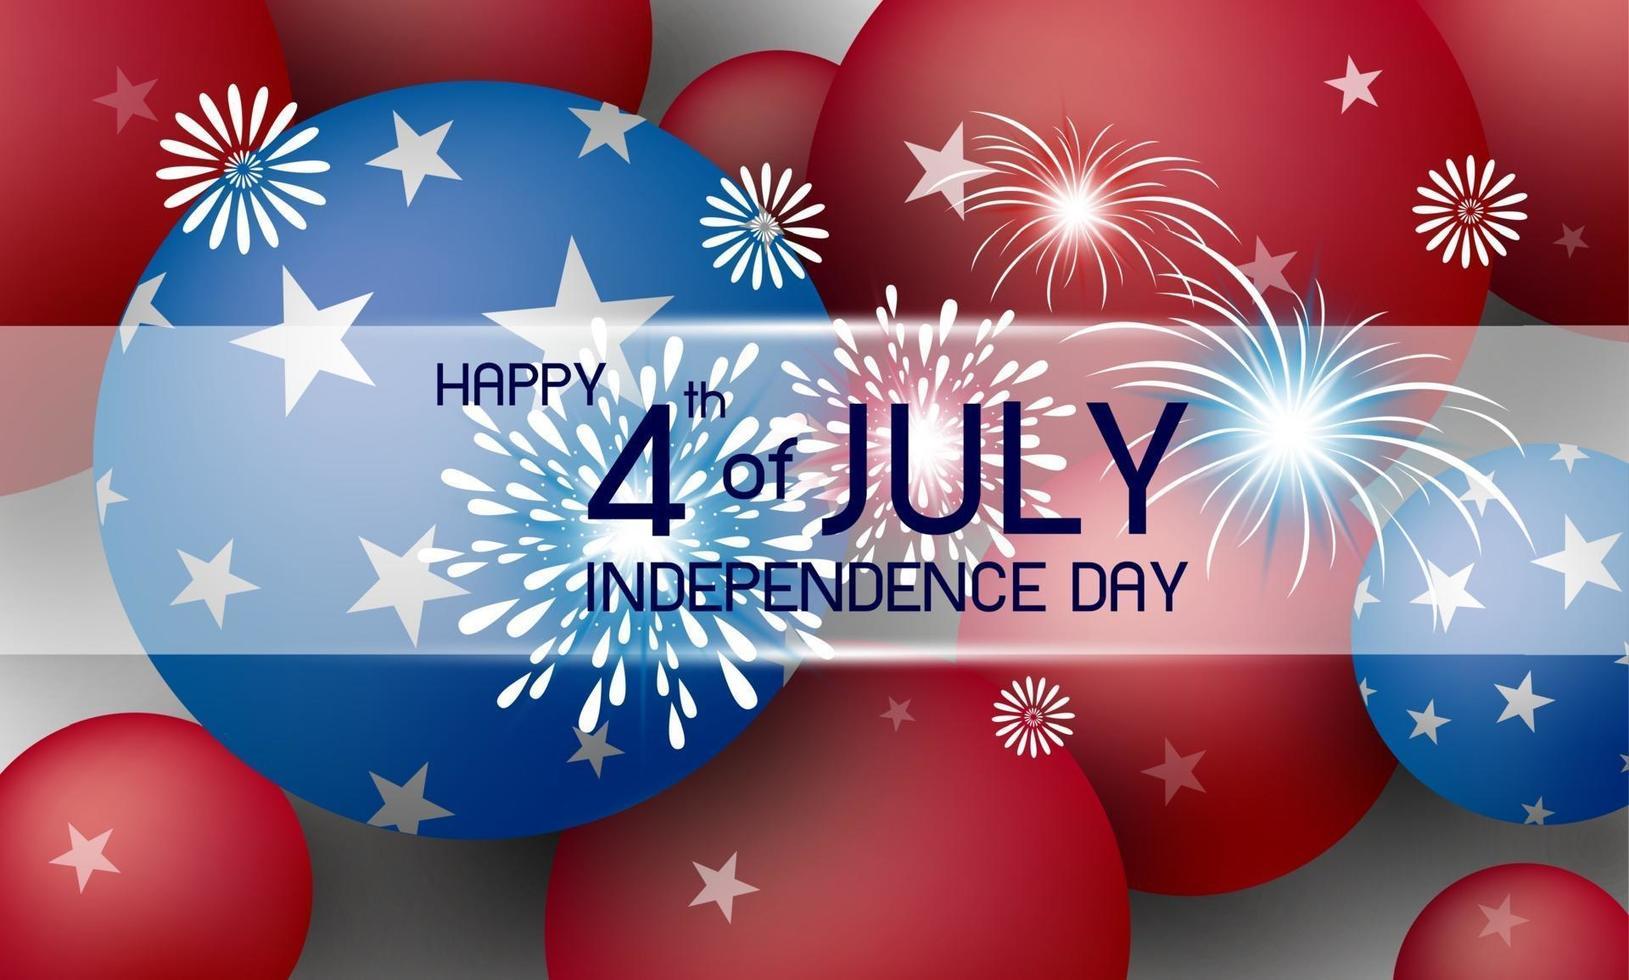 feliz 4 de julio día de la independencia américa vacaciones diseño de fondo ilustración vectorial vector